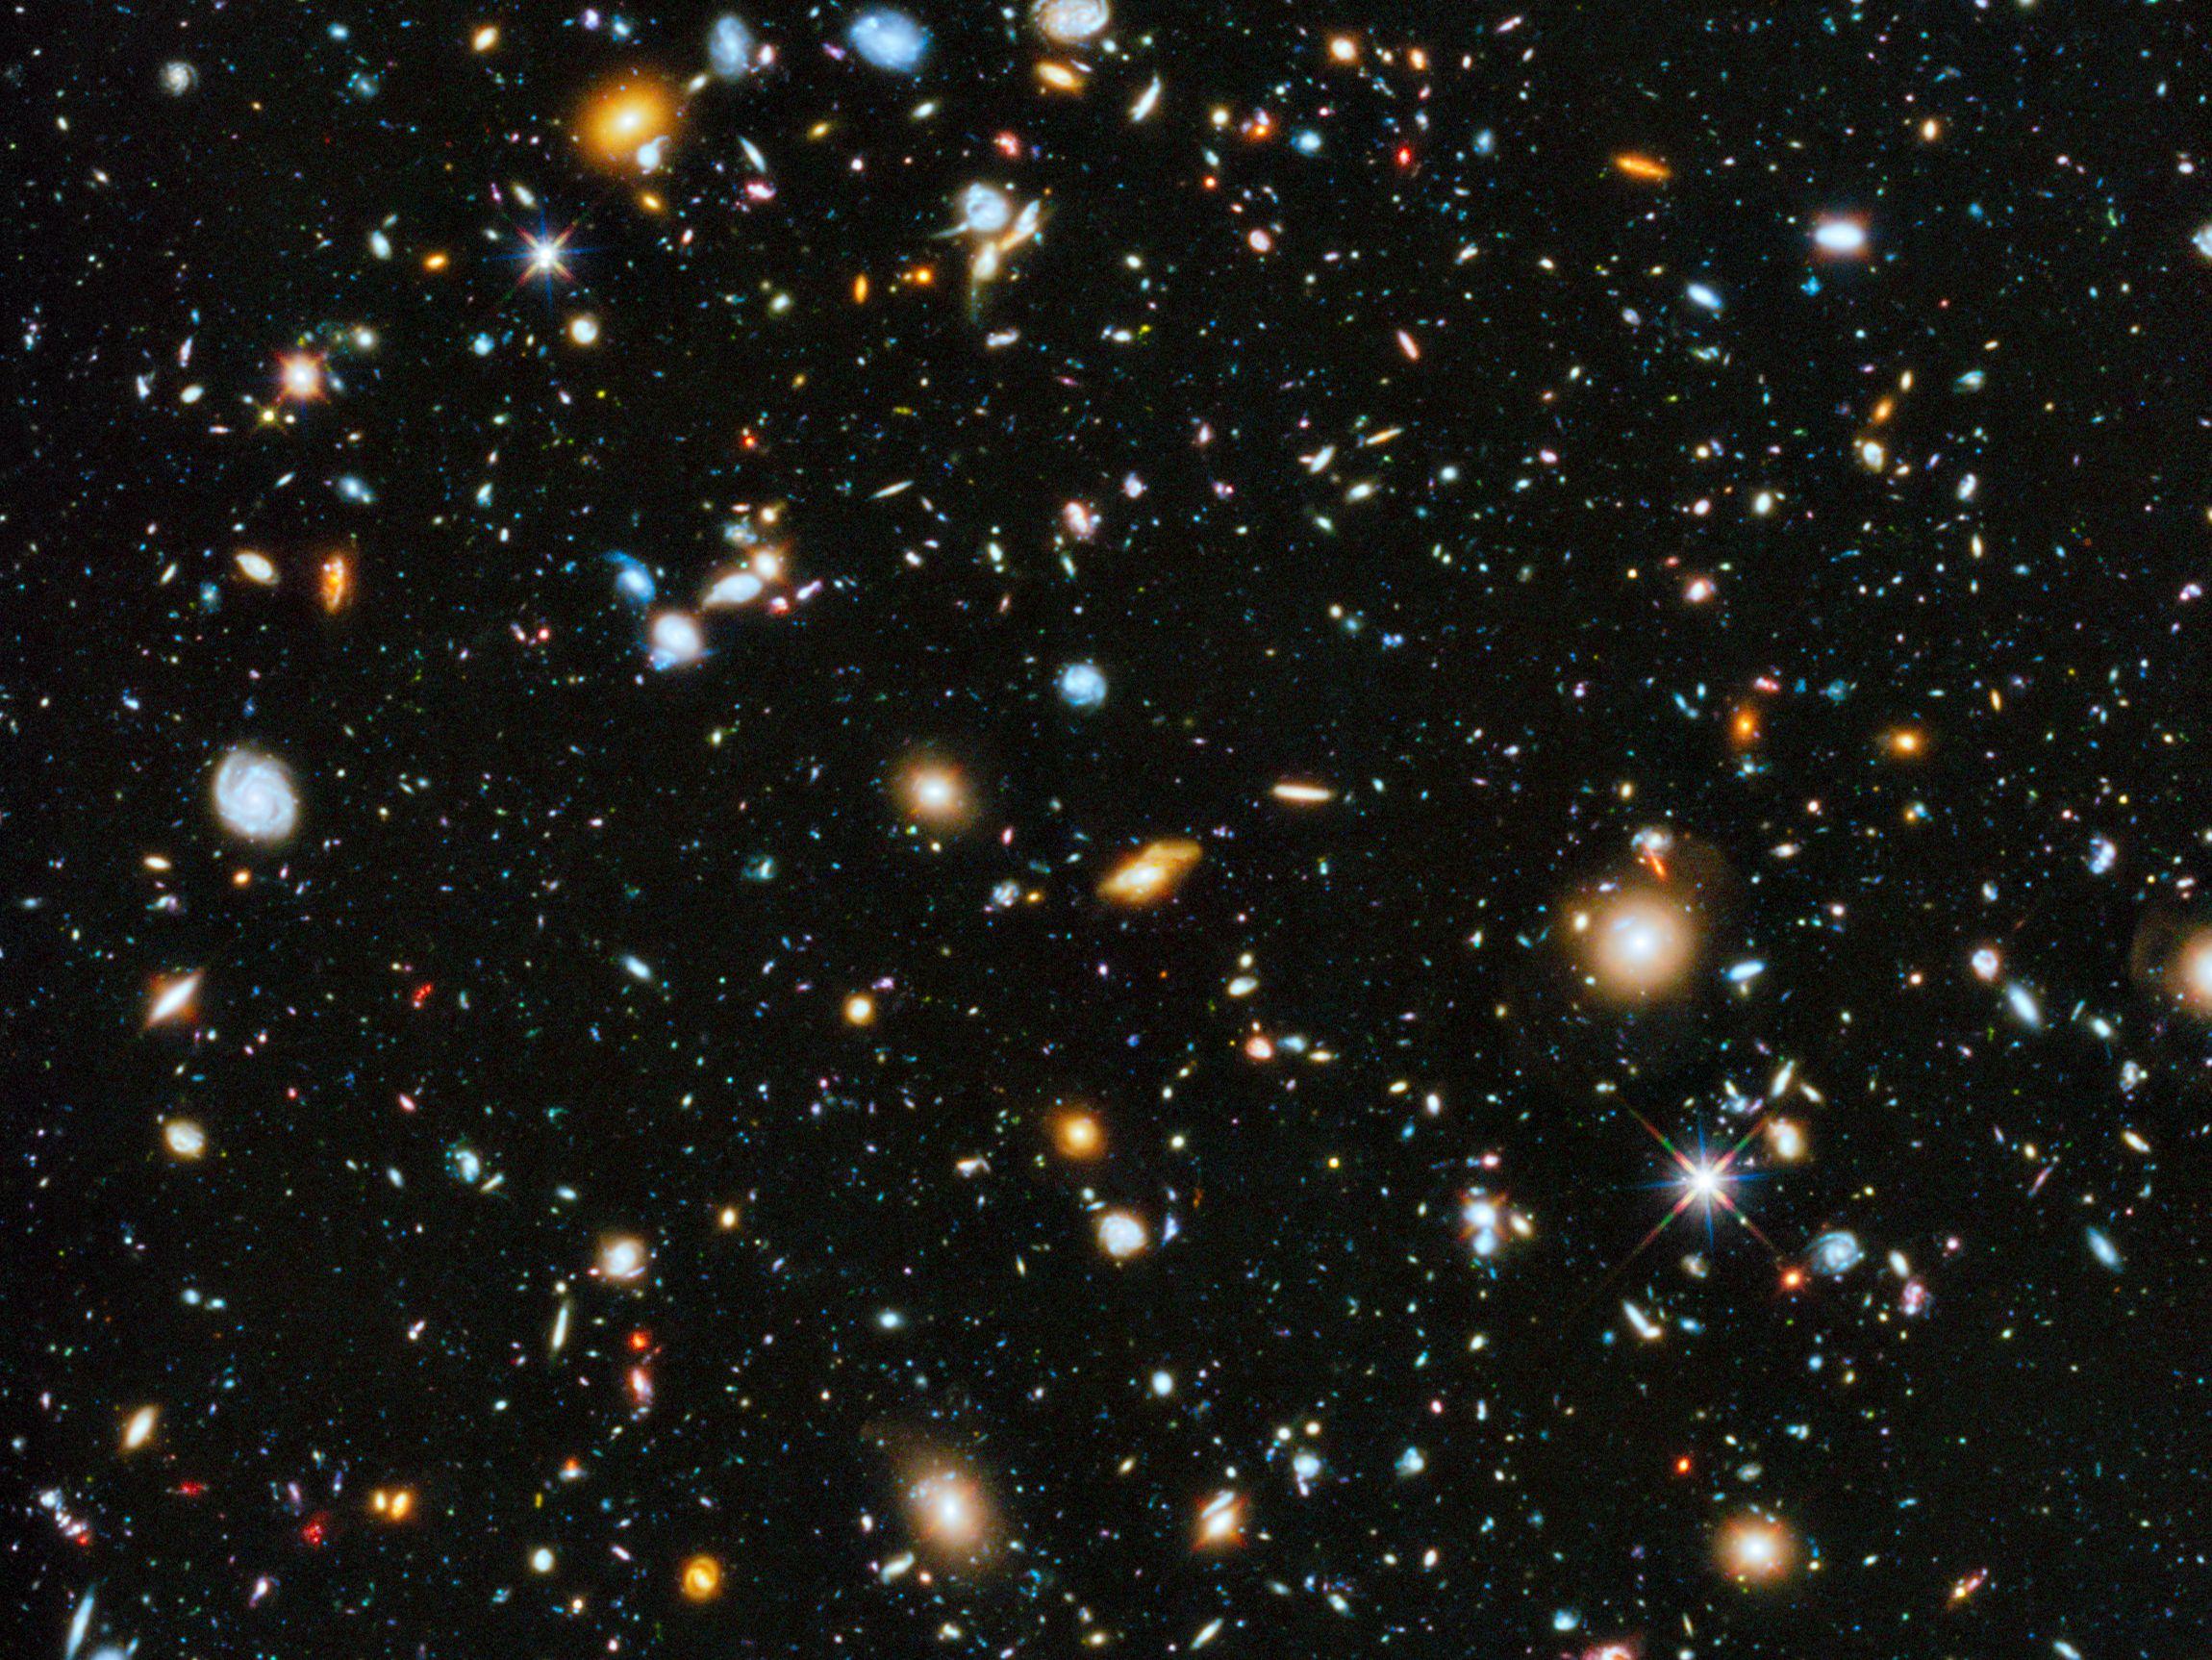 Obraz z teleskopu Hubble'a z 3 czerwca 2014 r. , ukazujący najbardziej odległe od Ziemi galaktyki